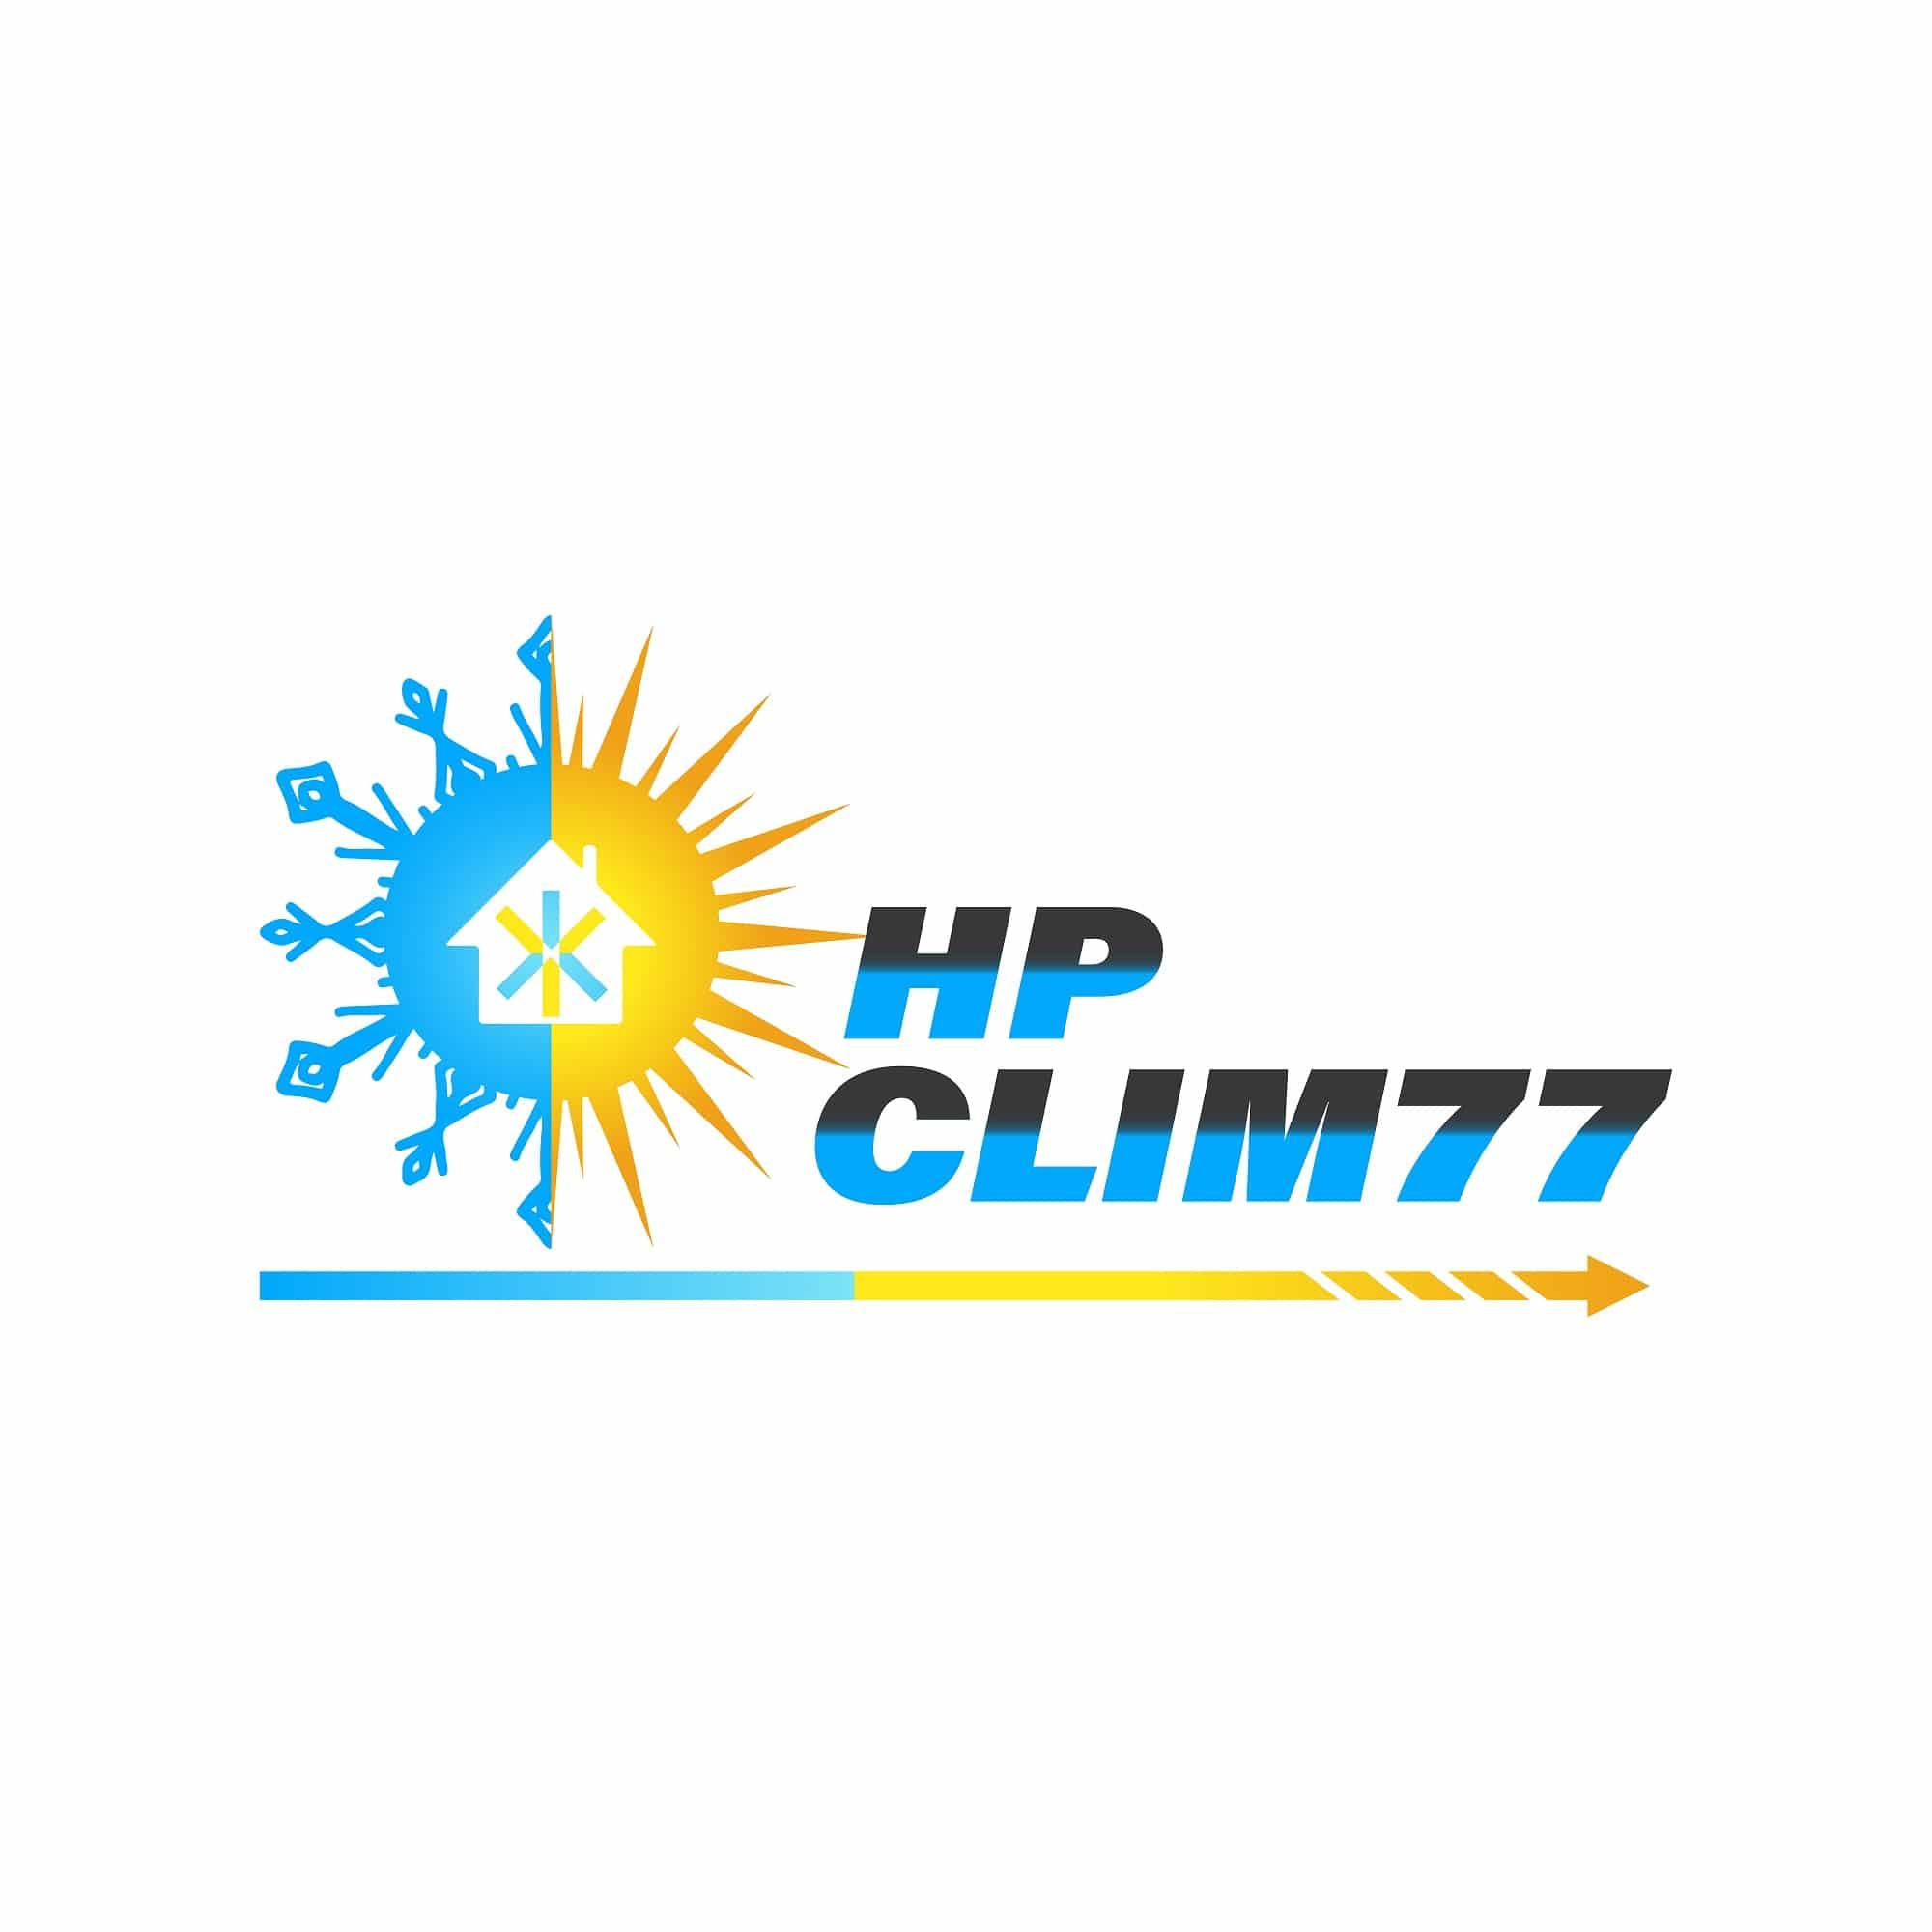 Logo HPCLIM77